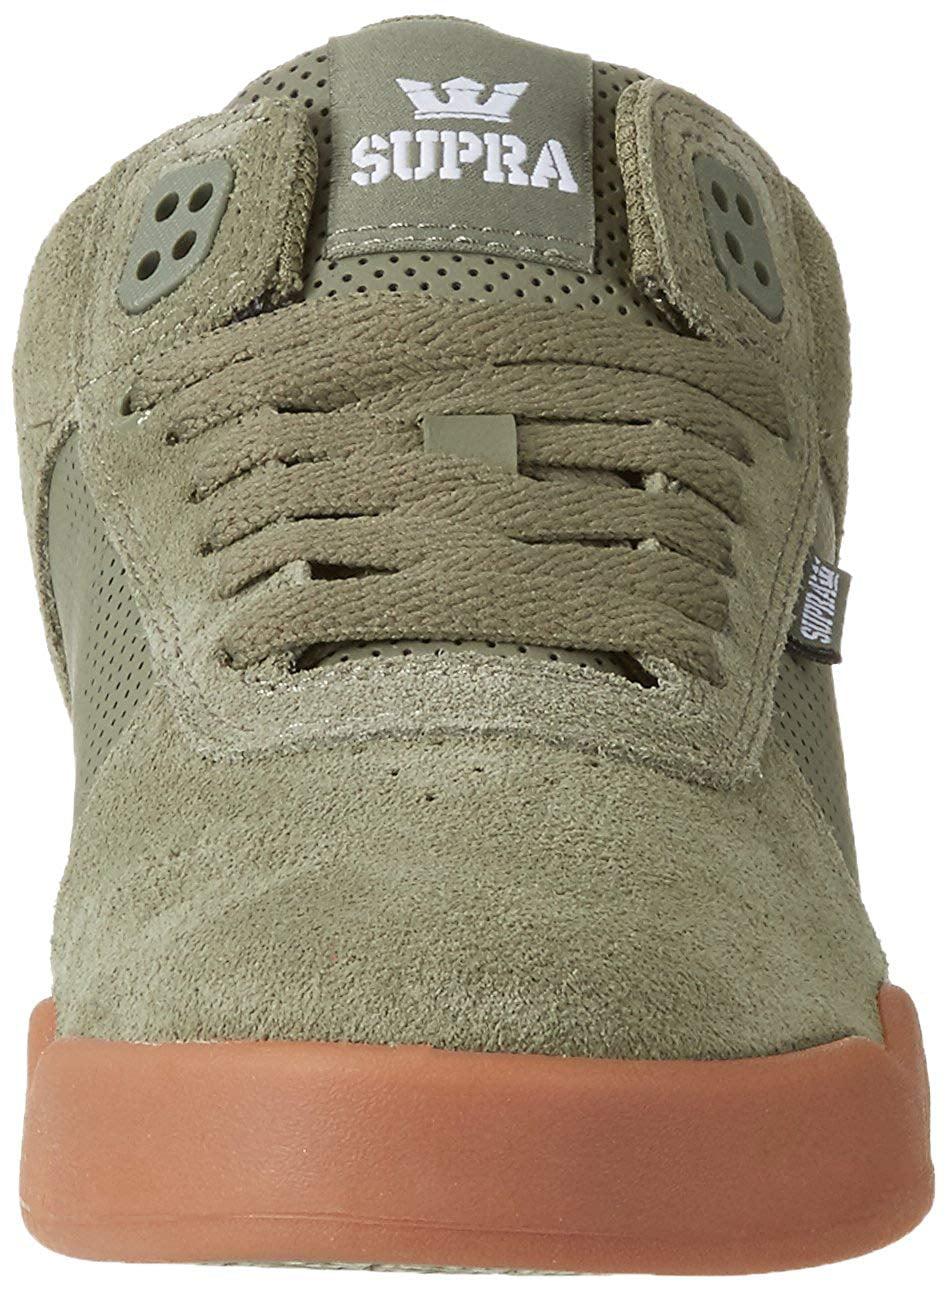 8d487ef6cb84 Supra - Supra Men s Ellington Olive-White Ankle-High Suede Skateboarding  Shoe - 12M - Walmart.com